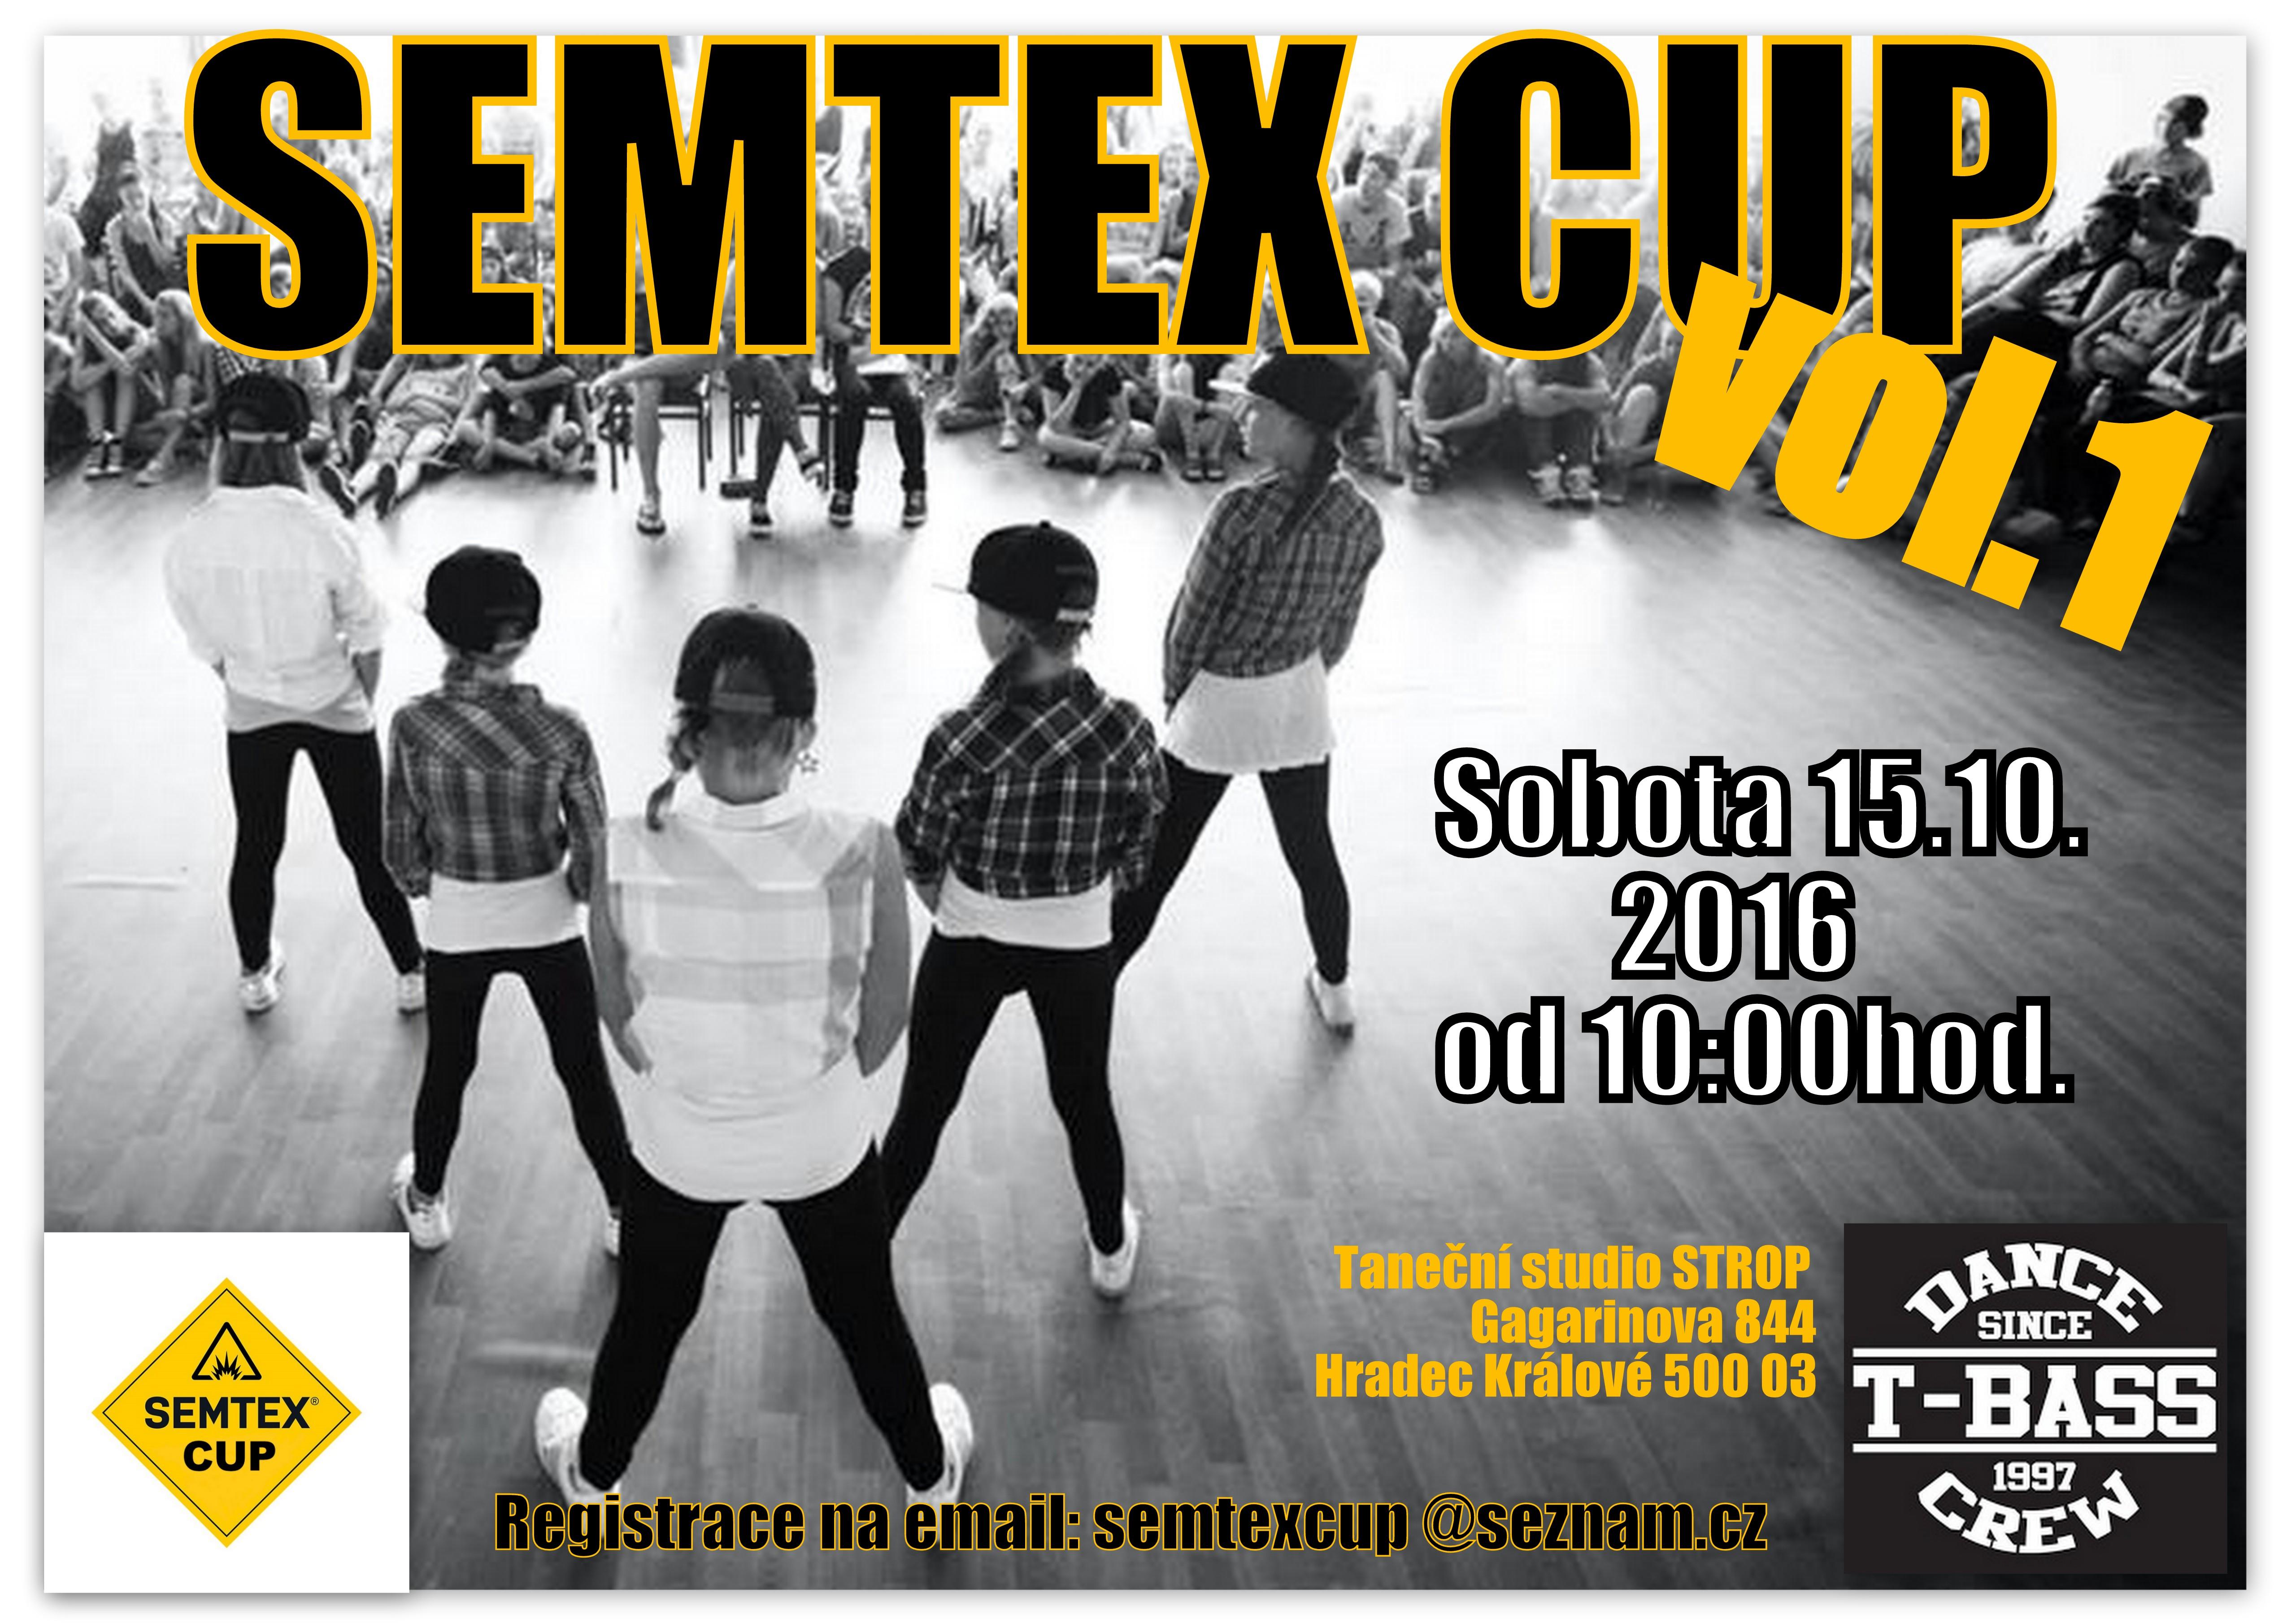 Semtex Cup vol. 1